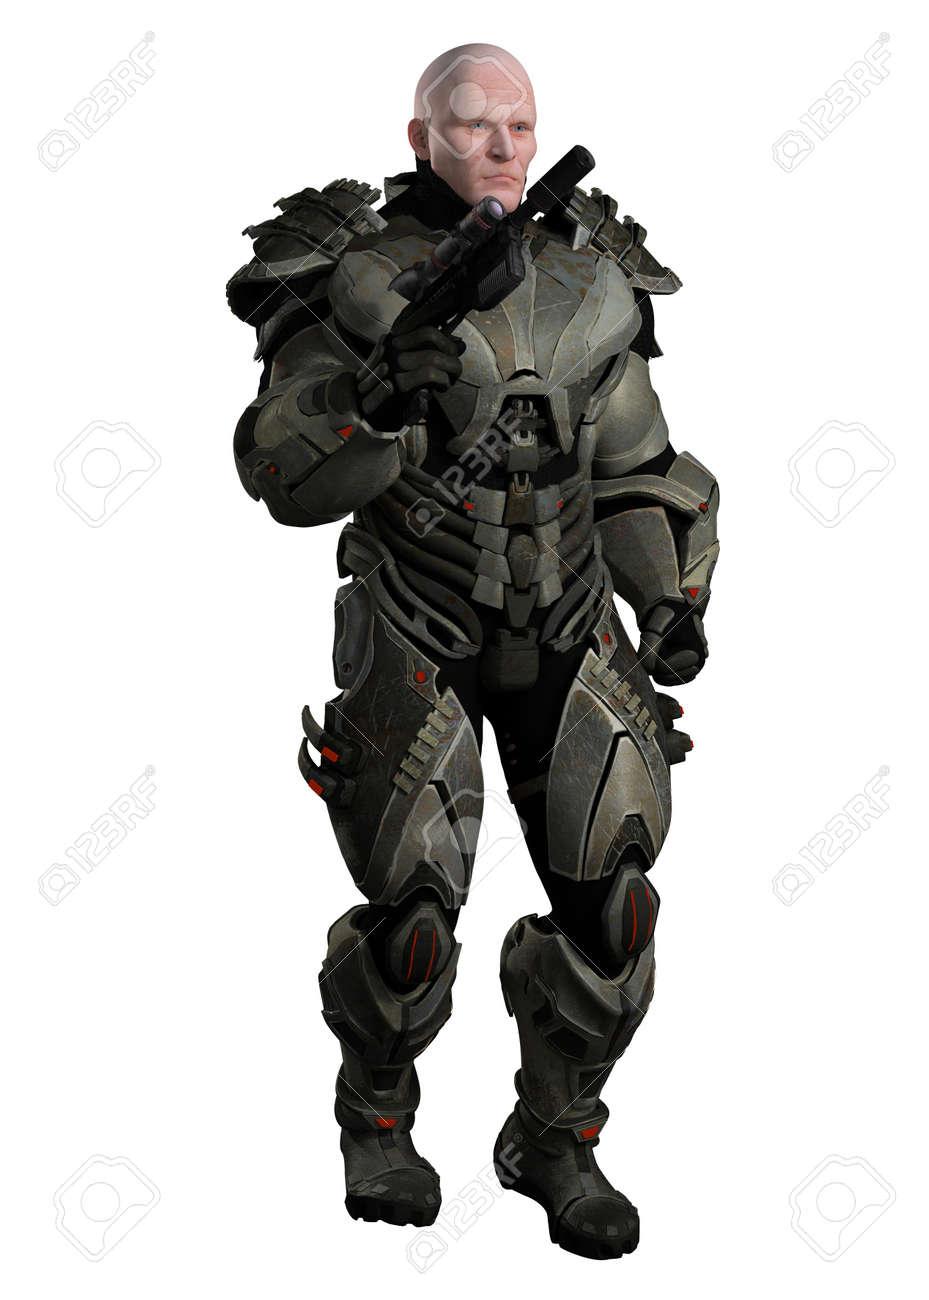 Armure Futuriste illustration d'un grand marin musclé en armure futuriste de corps